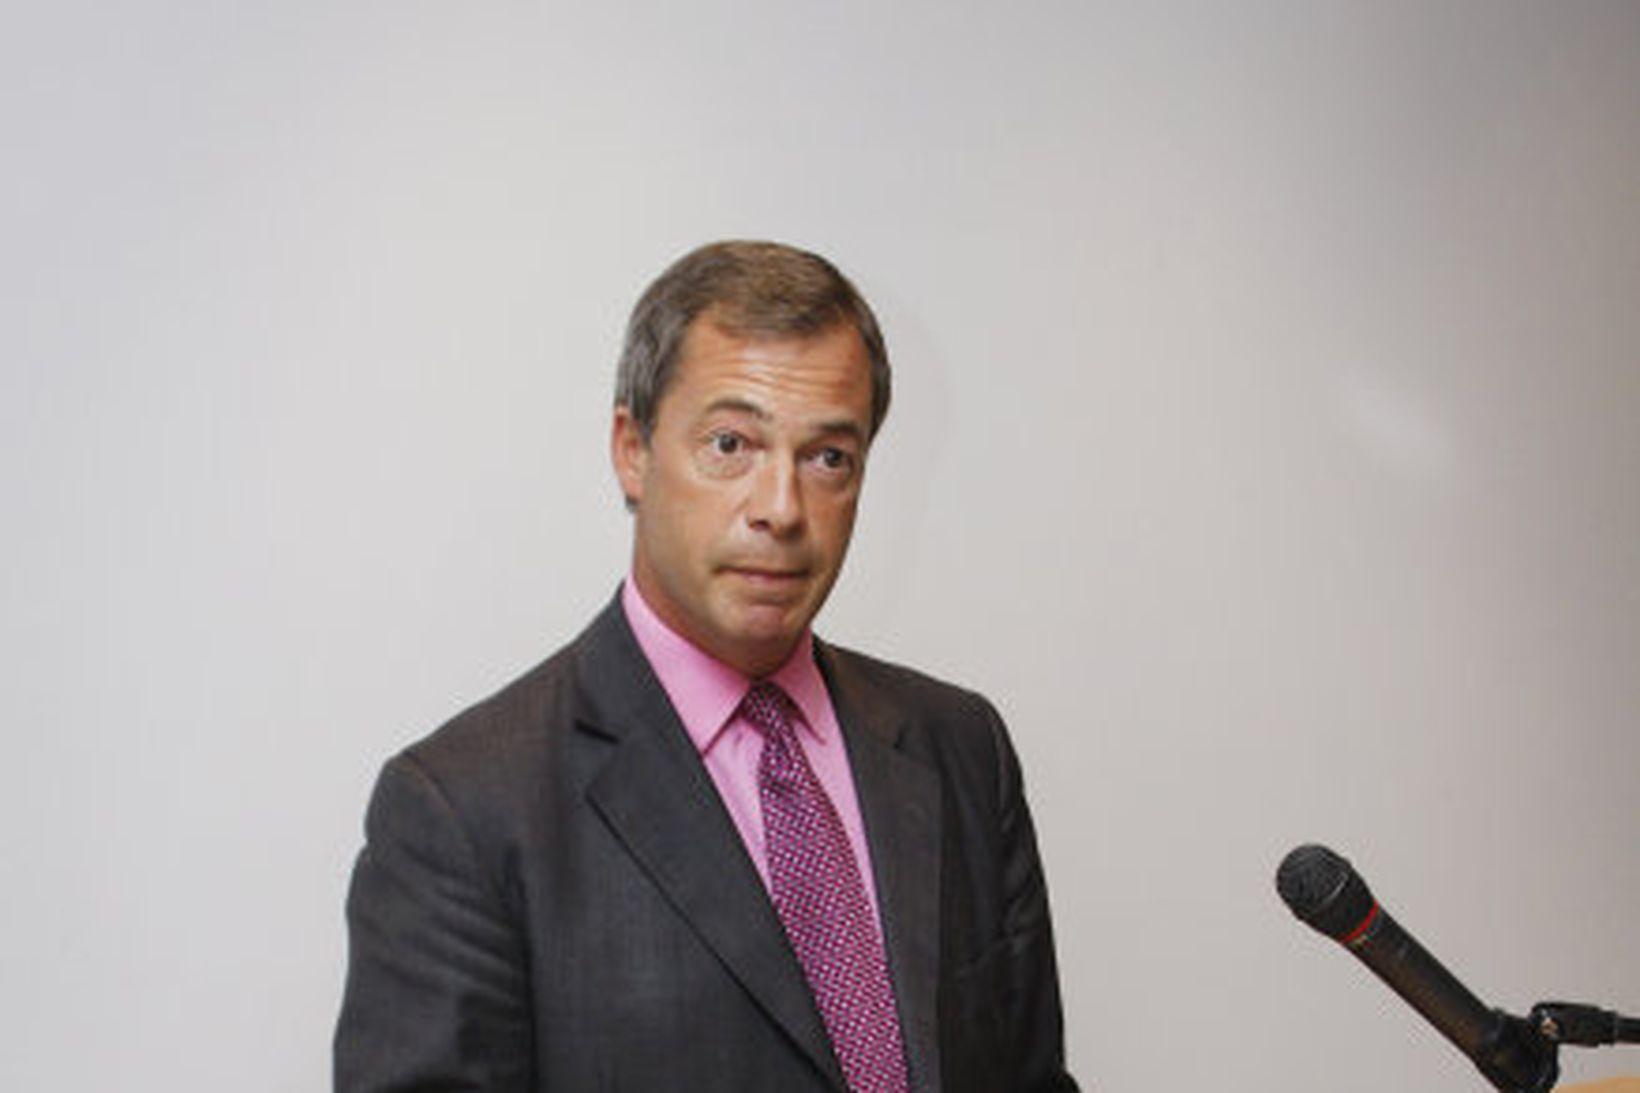 Nigel Farage, leiðtogi Breska sjálfstæðisflokksins, heimsótti Ísland í ágúst 2008 …